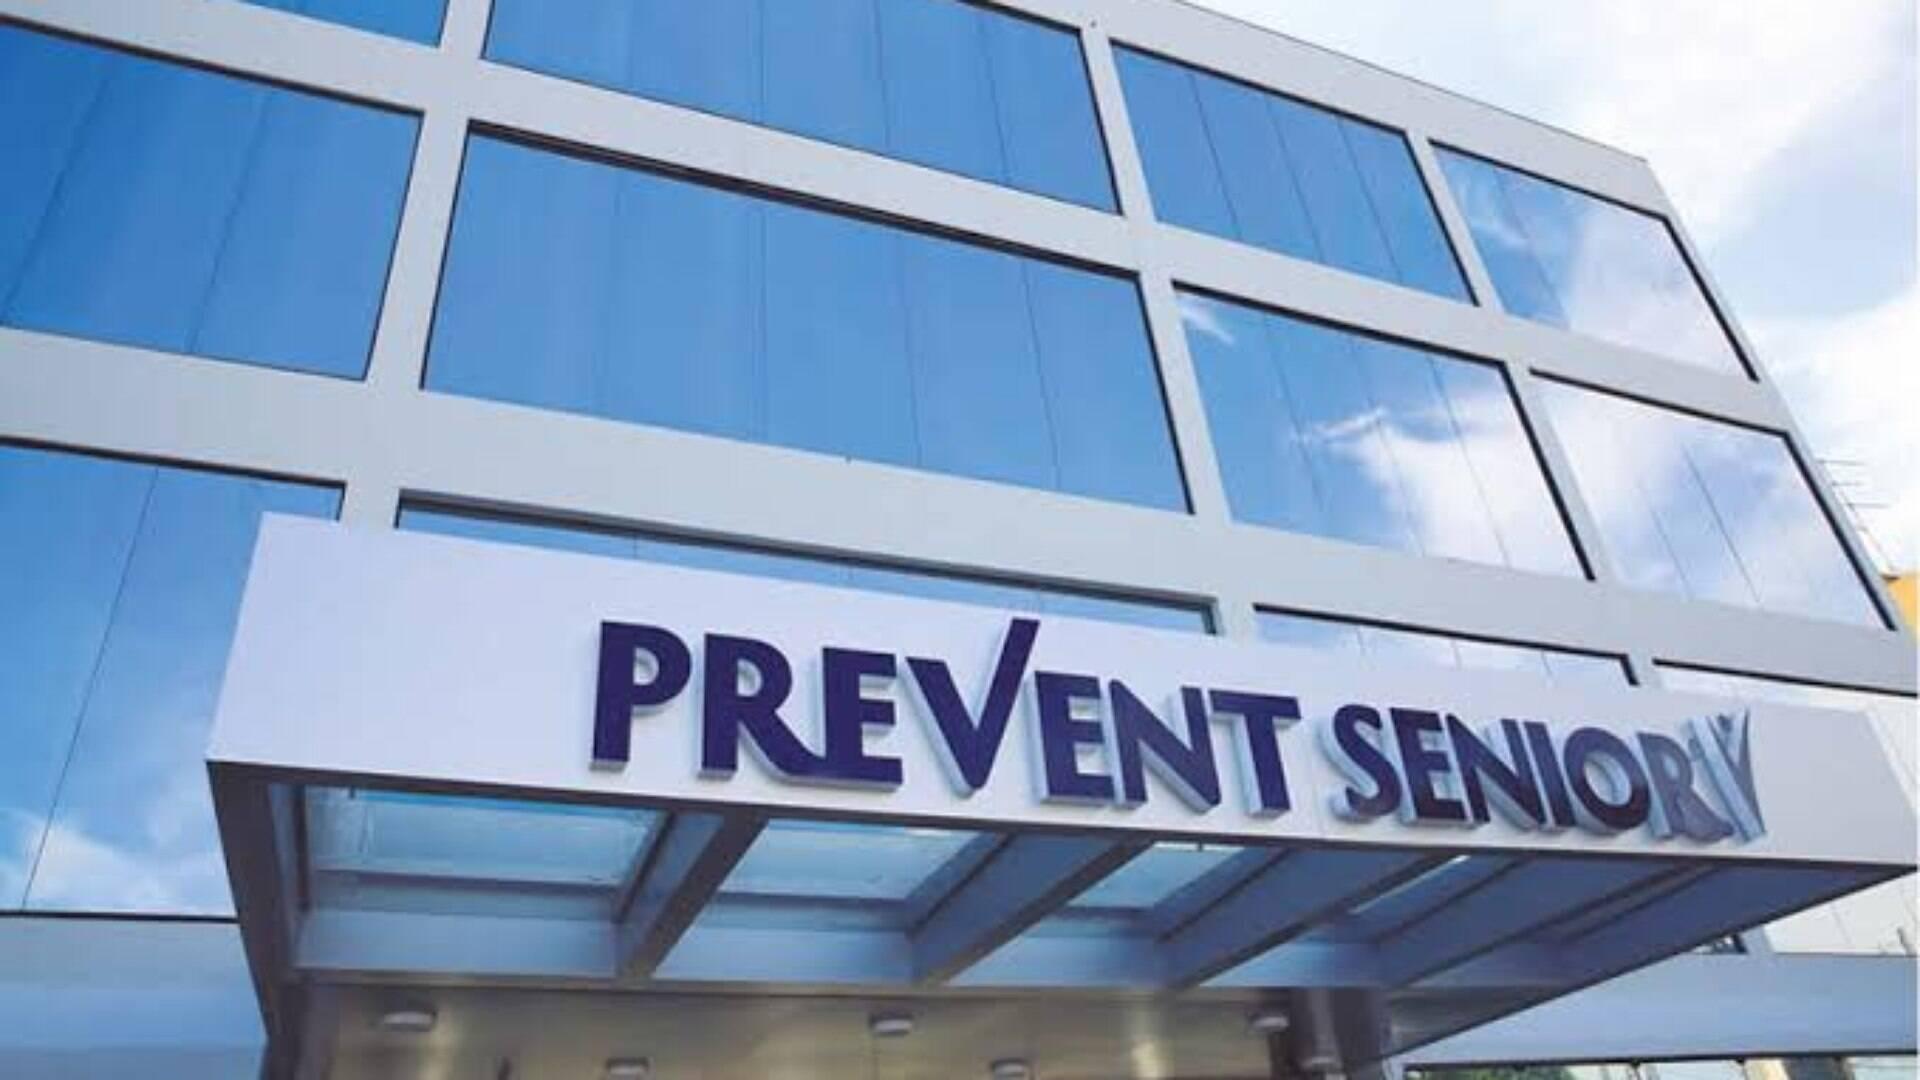 O que é a Prevent Senior?